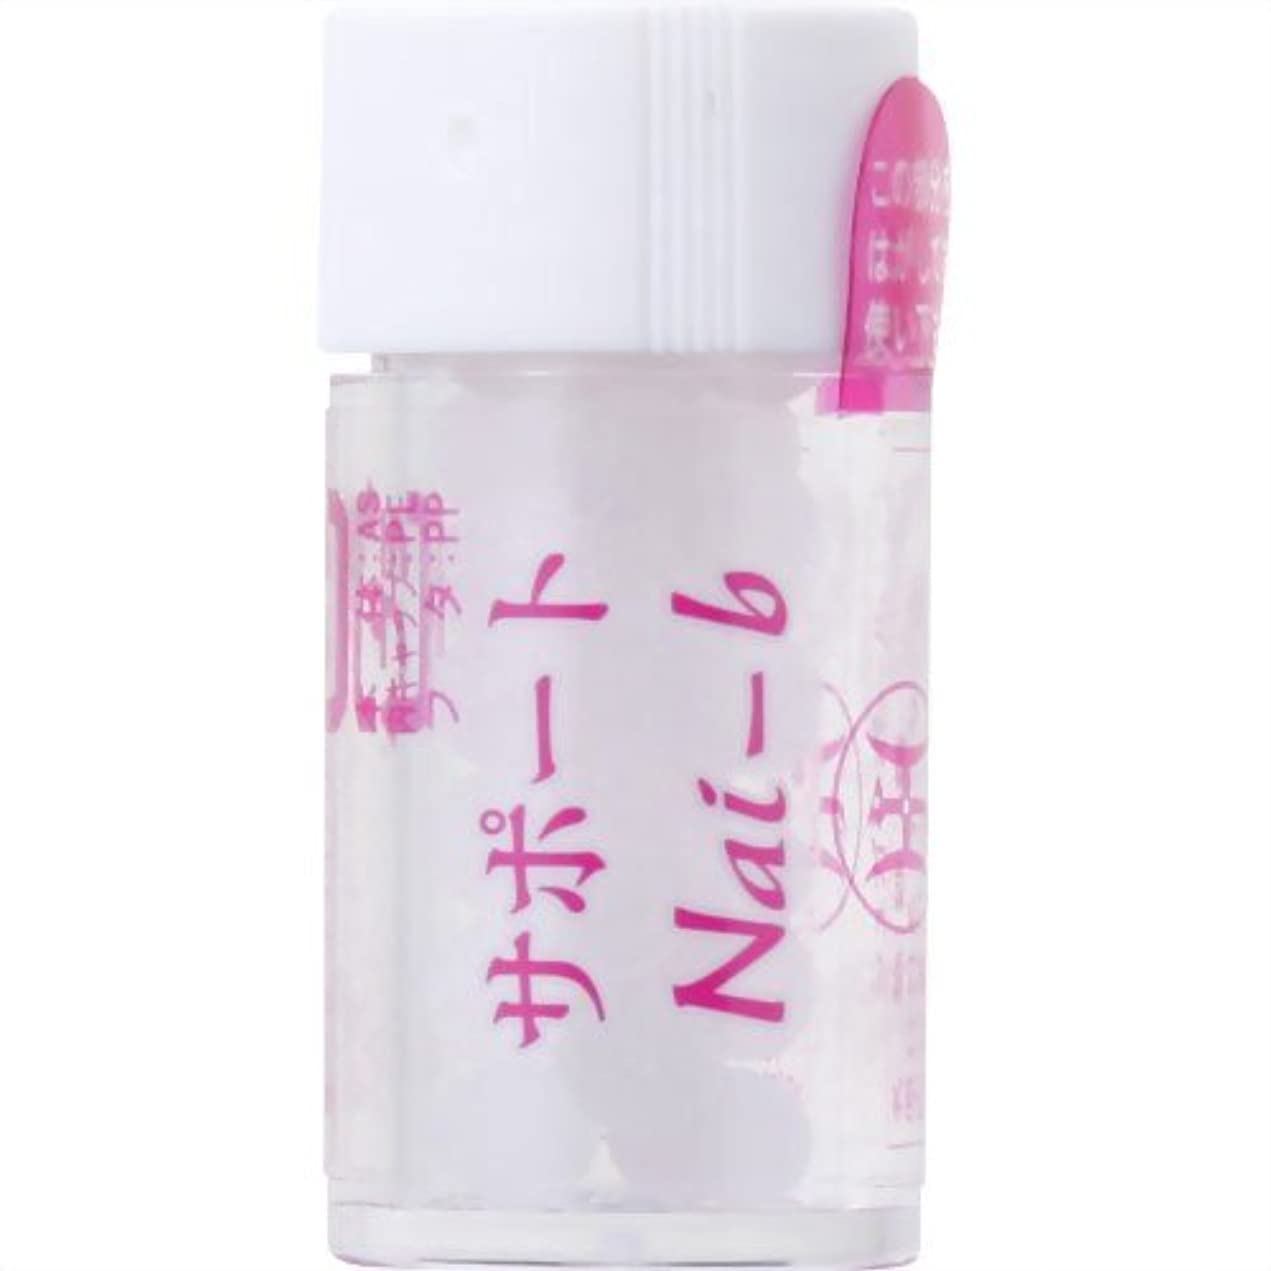 固体バイオレット次へホメオパシージャパンレメディー サポートNai-b(小ビン)